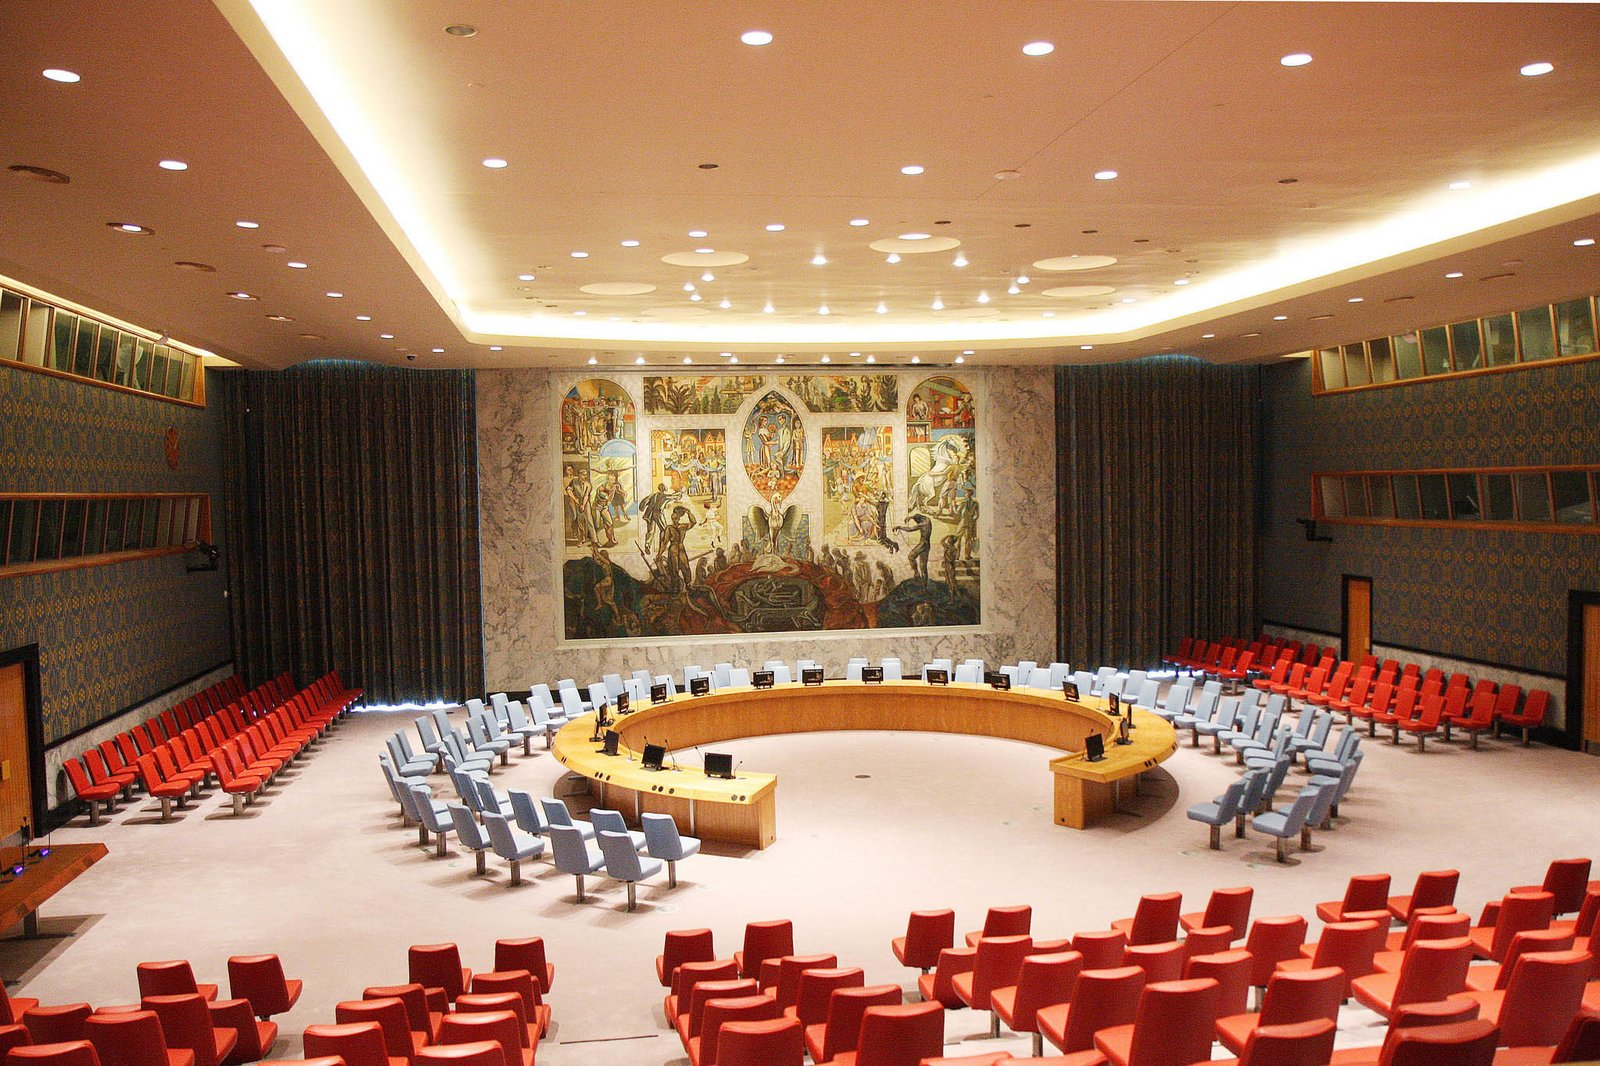 The United Nations, photo courtesy of Carisima Koenig.